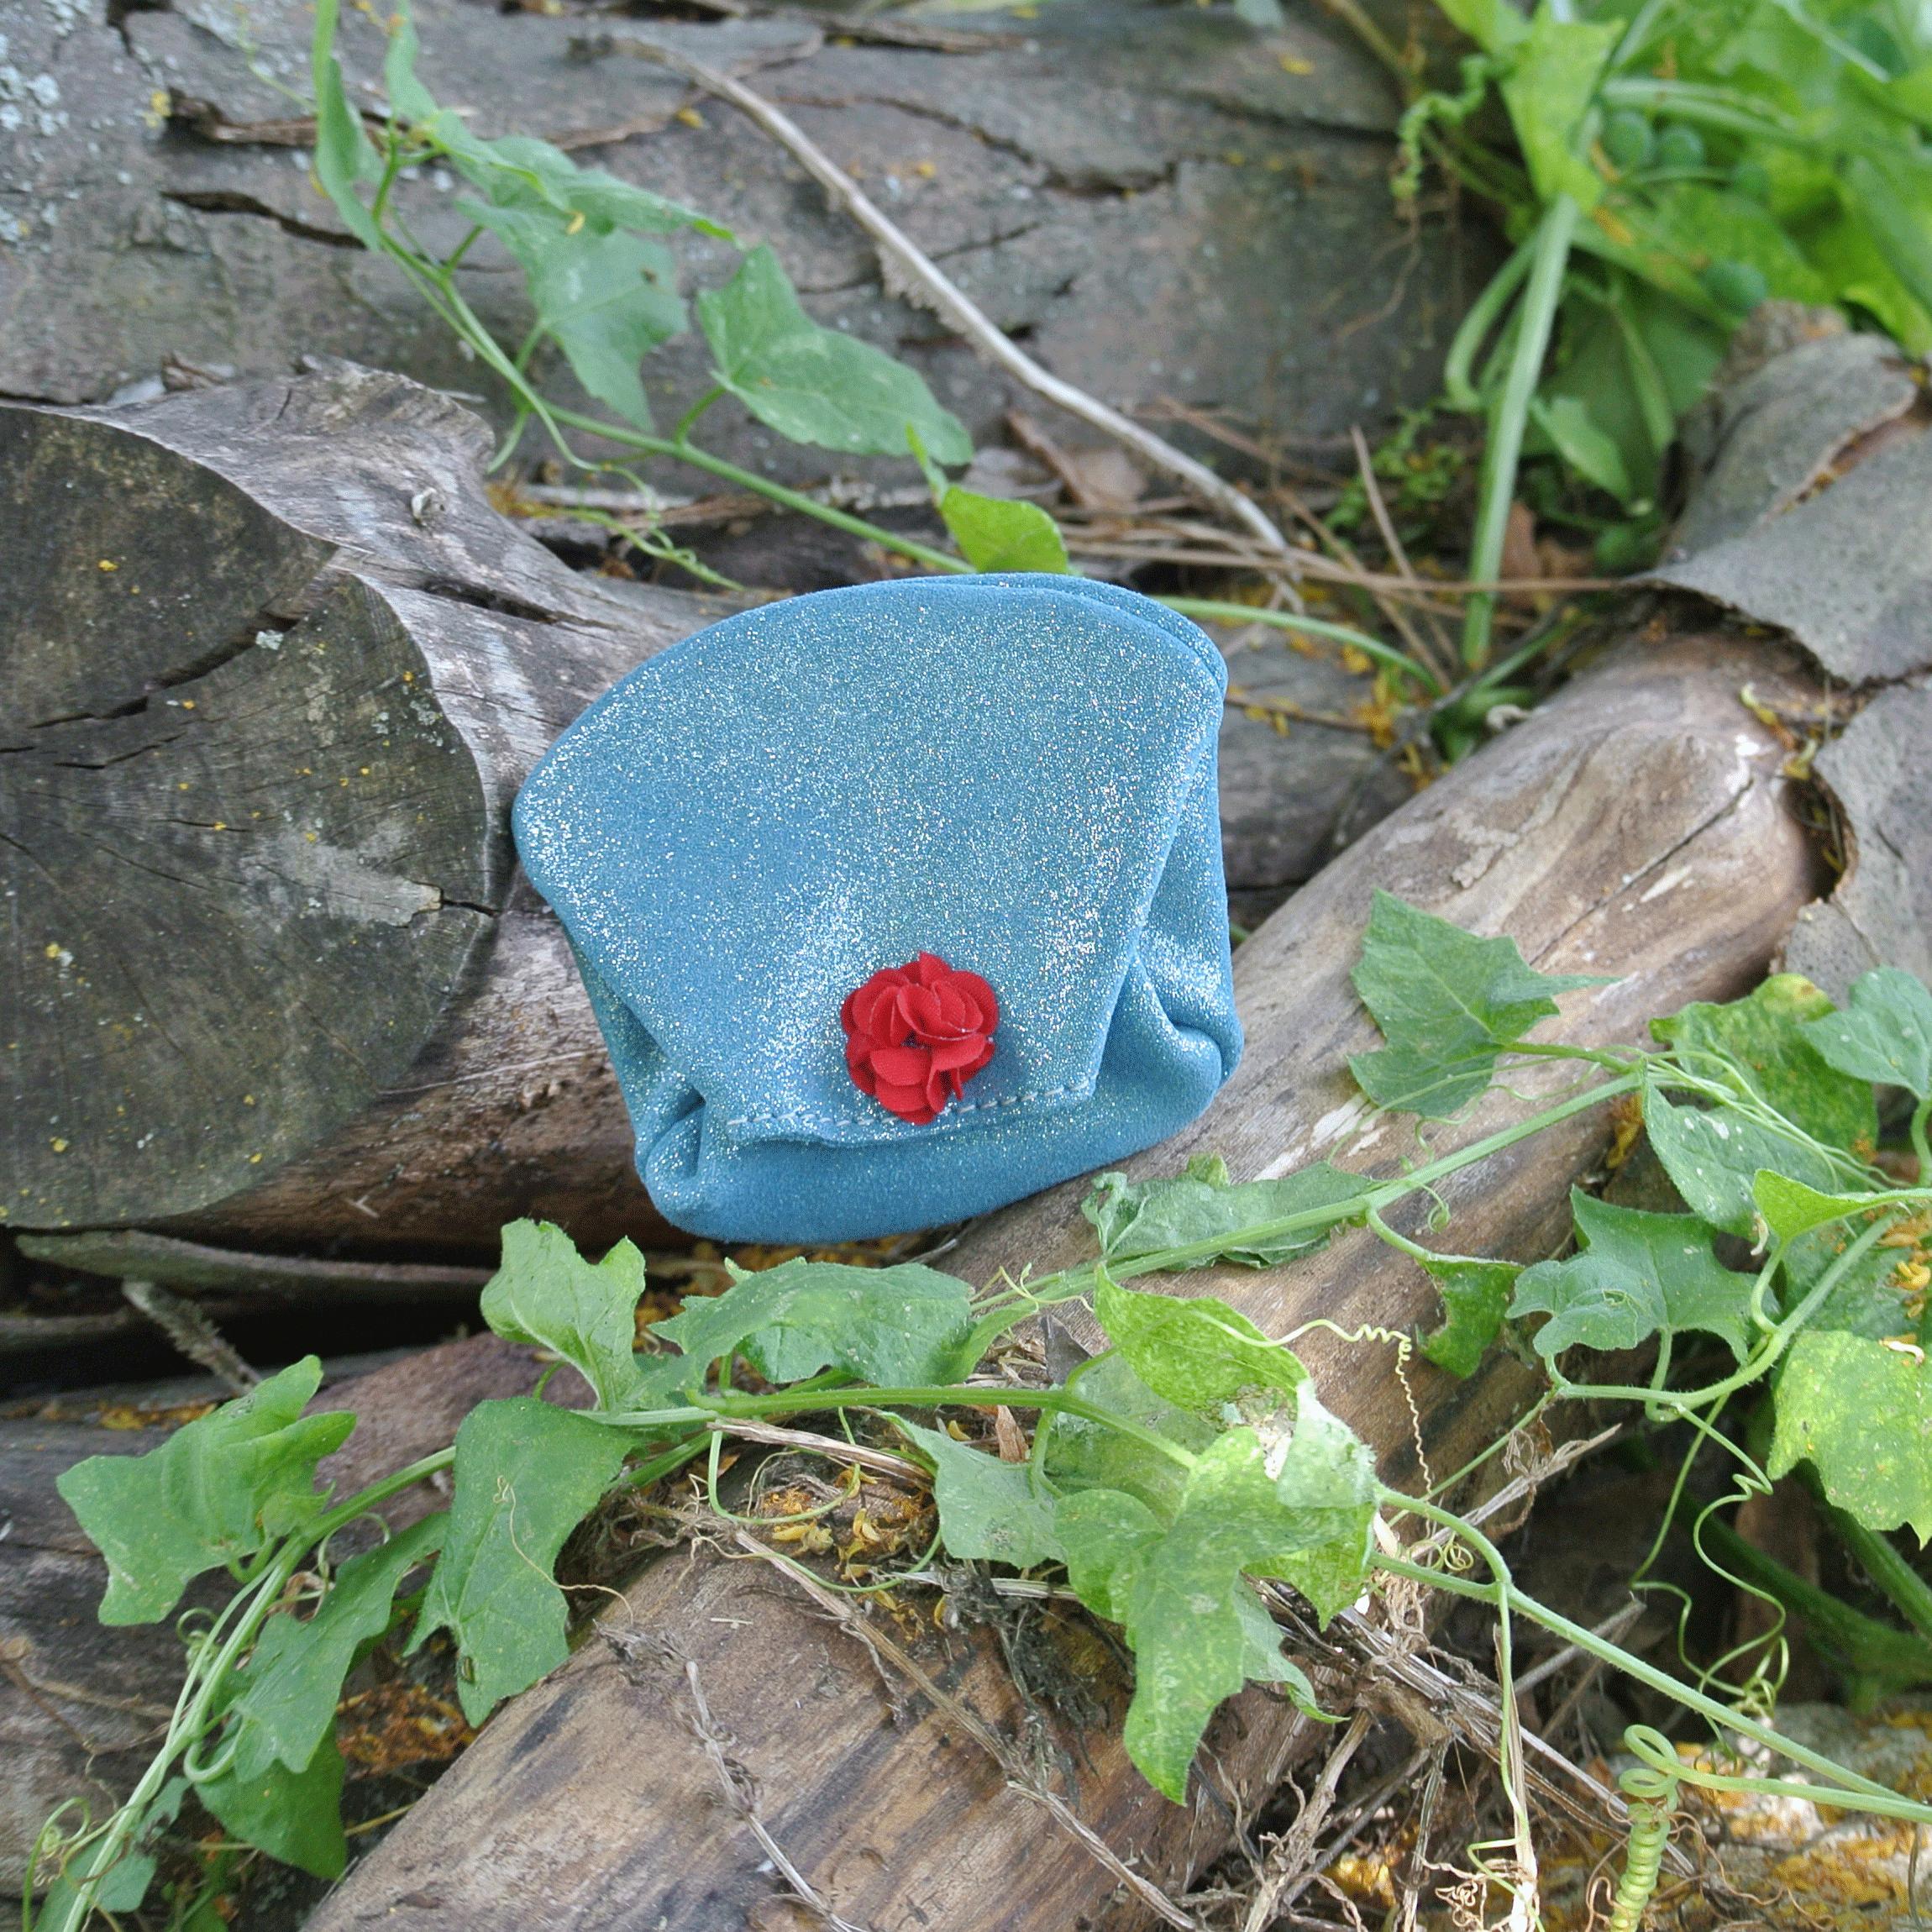 porte-monnaie-crapaud-en-cuirs-fantaisies-cuir-pailleté-cuir-floralie-la-cartabliere-made-in-france-fabrique-en-france